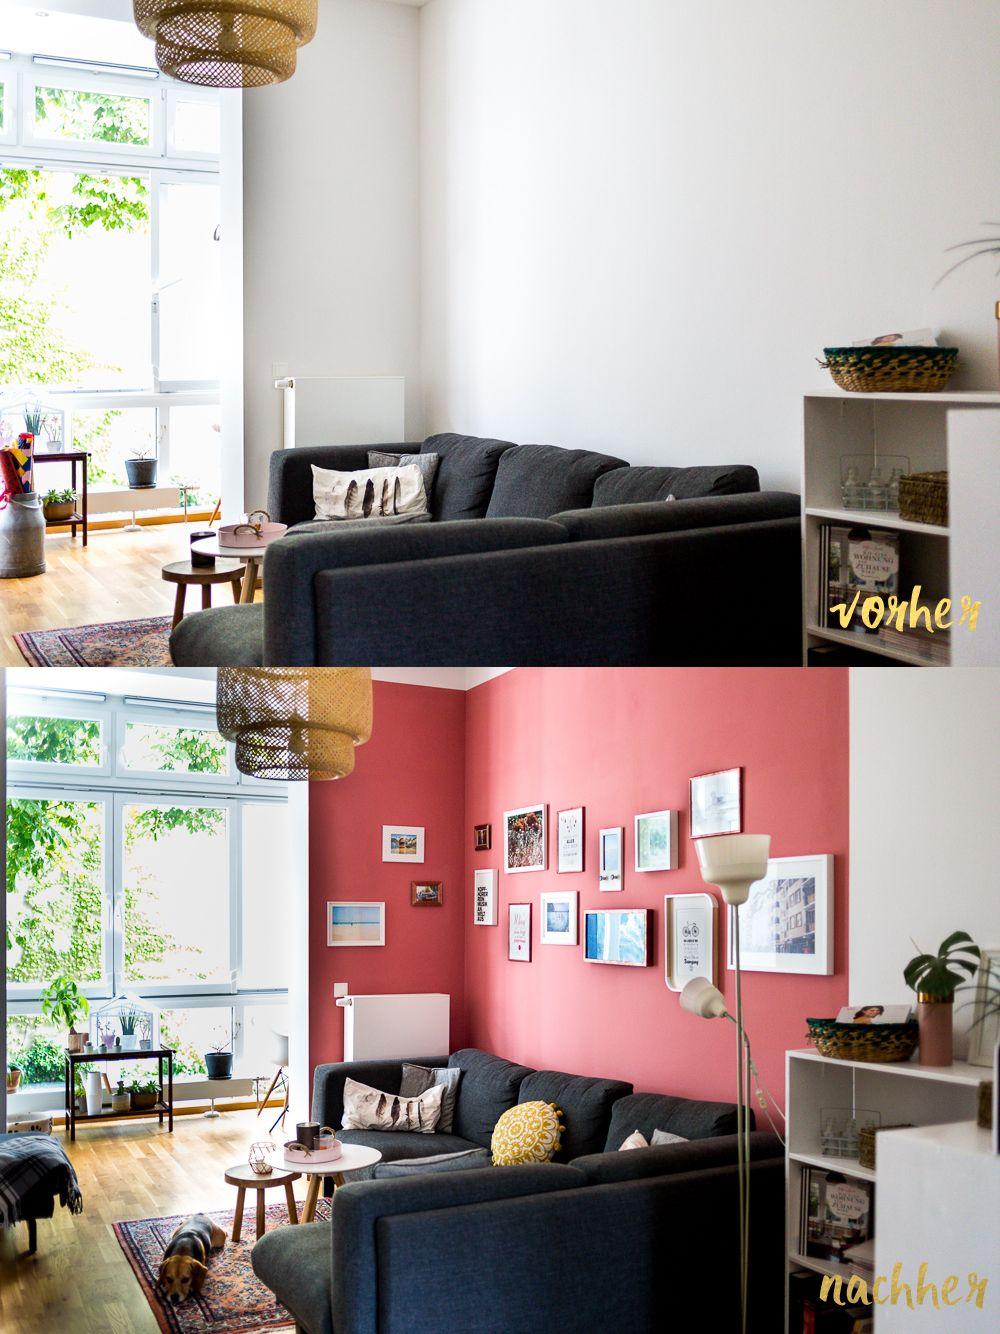 Projekt Traumwohnung 2 0 Endlich Farbe An Den Wanden Mit Schoner Wohnen Farbe Schoner Wohnen Wohnzimmer Schoner Wohnen Farbe Wohnen